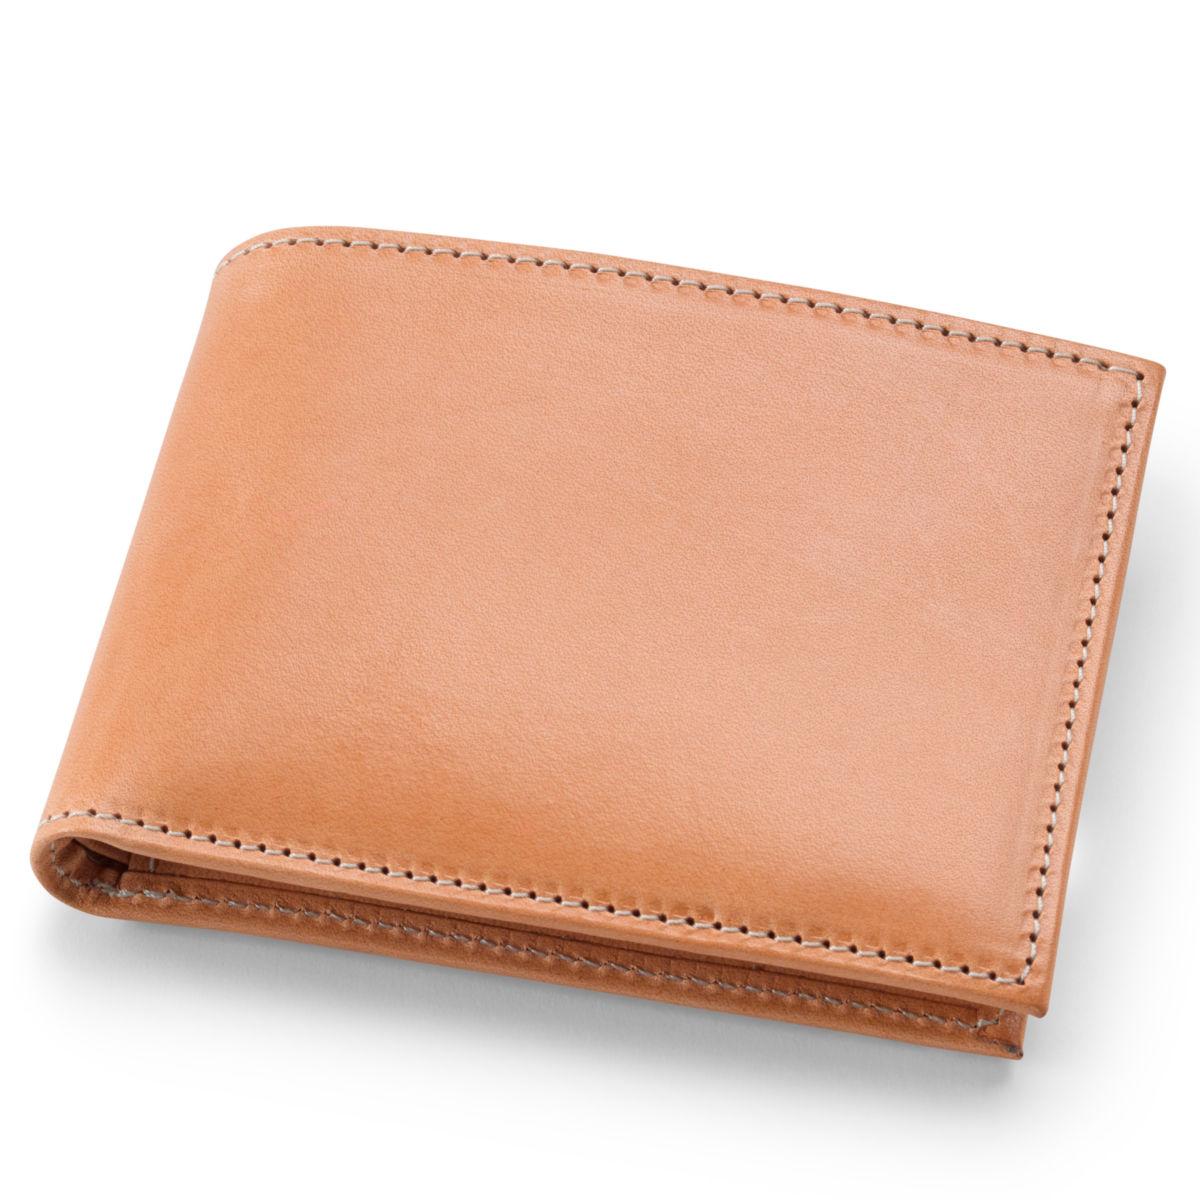 Natural Leather Billfold - NATURALimage number 0